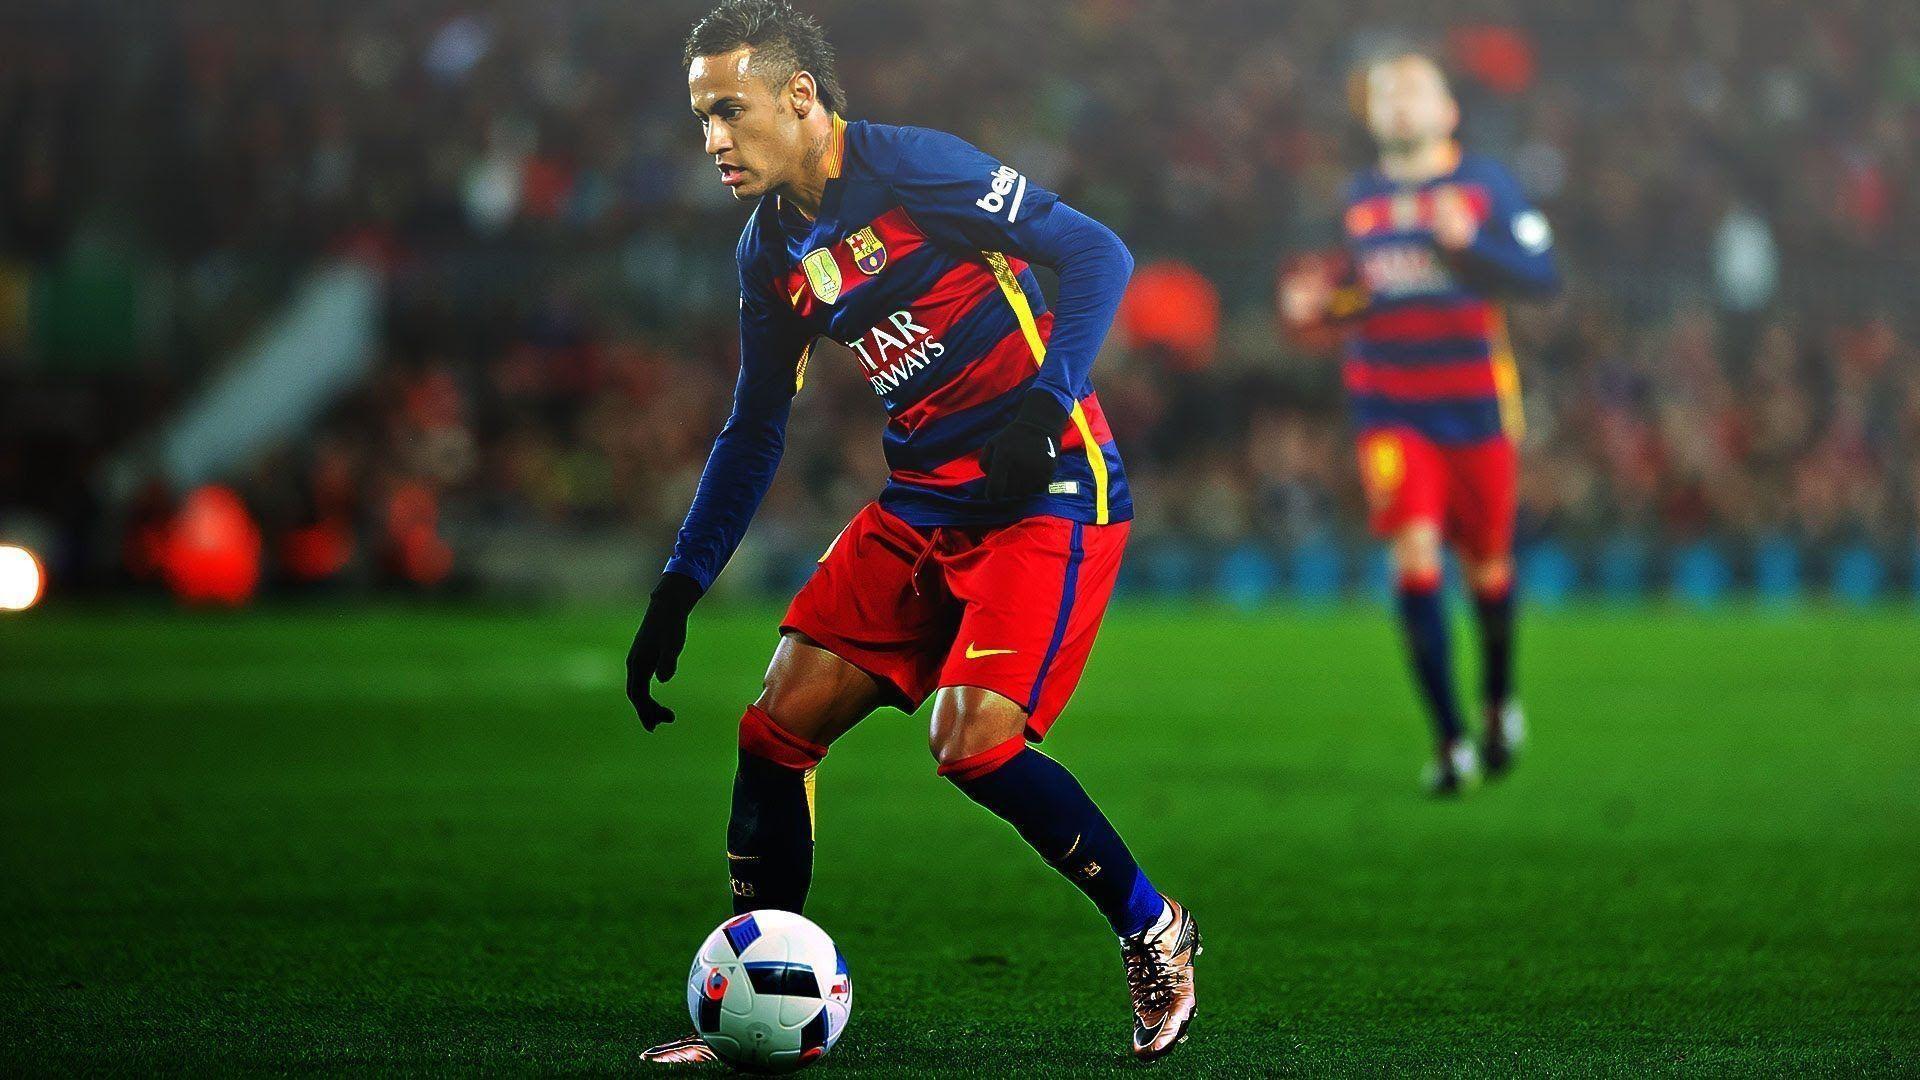 neymar nike wallpaper 35478poster.jpg